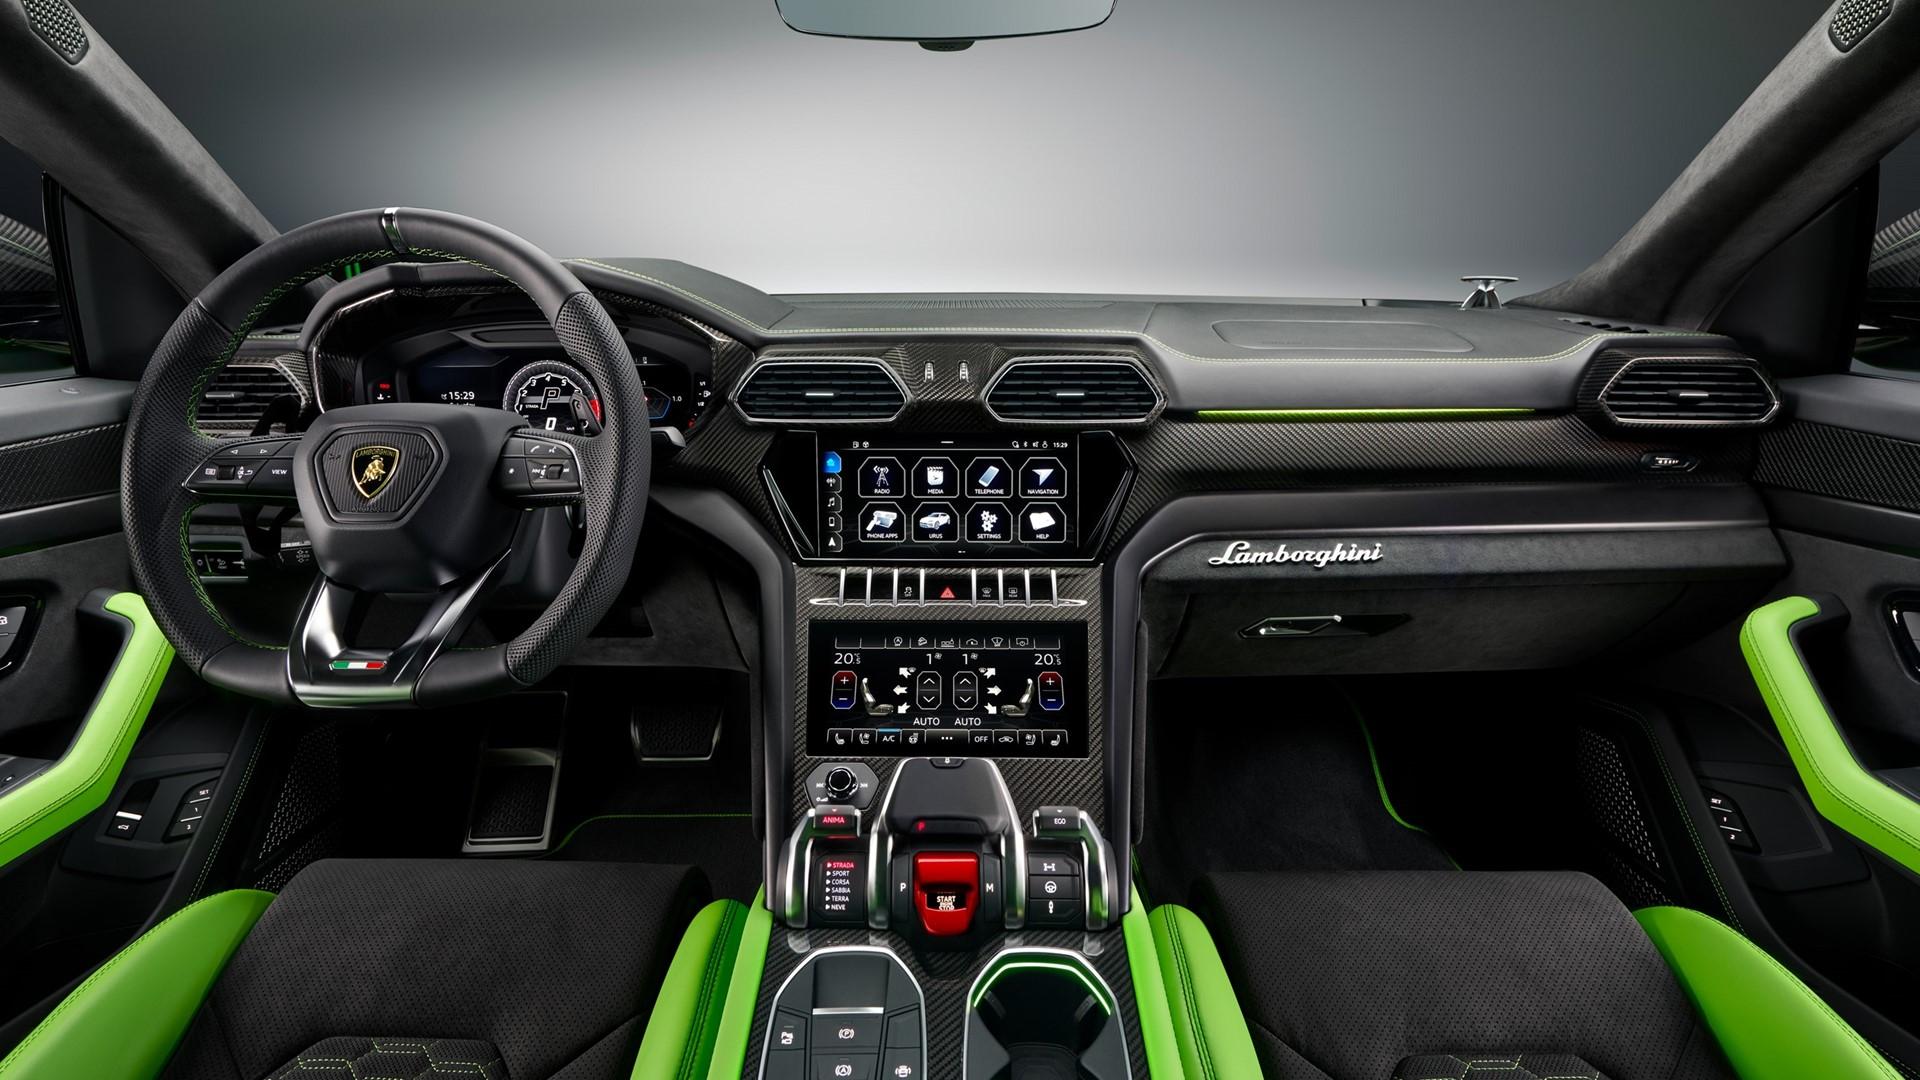 Automobili Lamborghini presents the Urus Pearl Capsule: unlocking new adventures in color for the Lamborghini Urus - Image 7